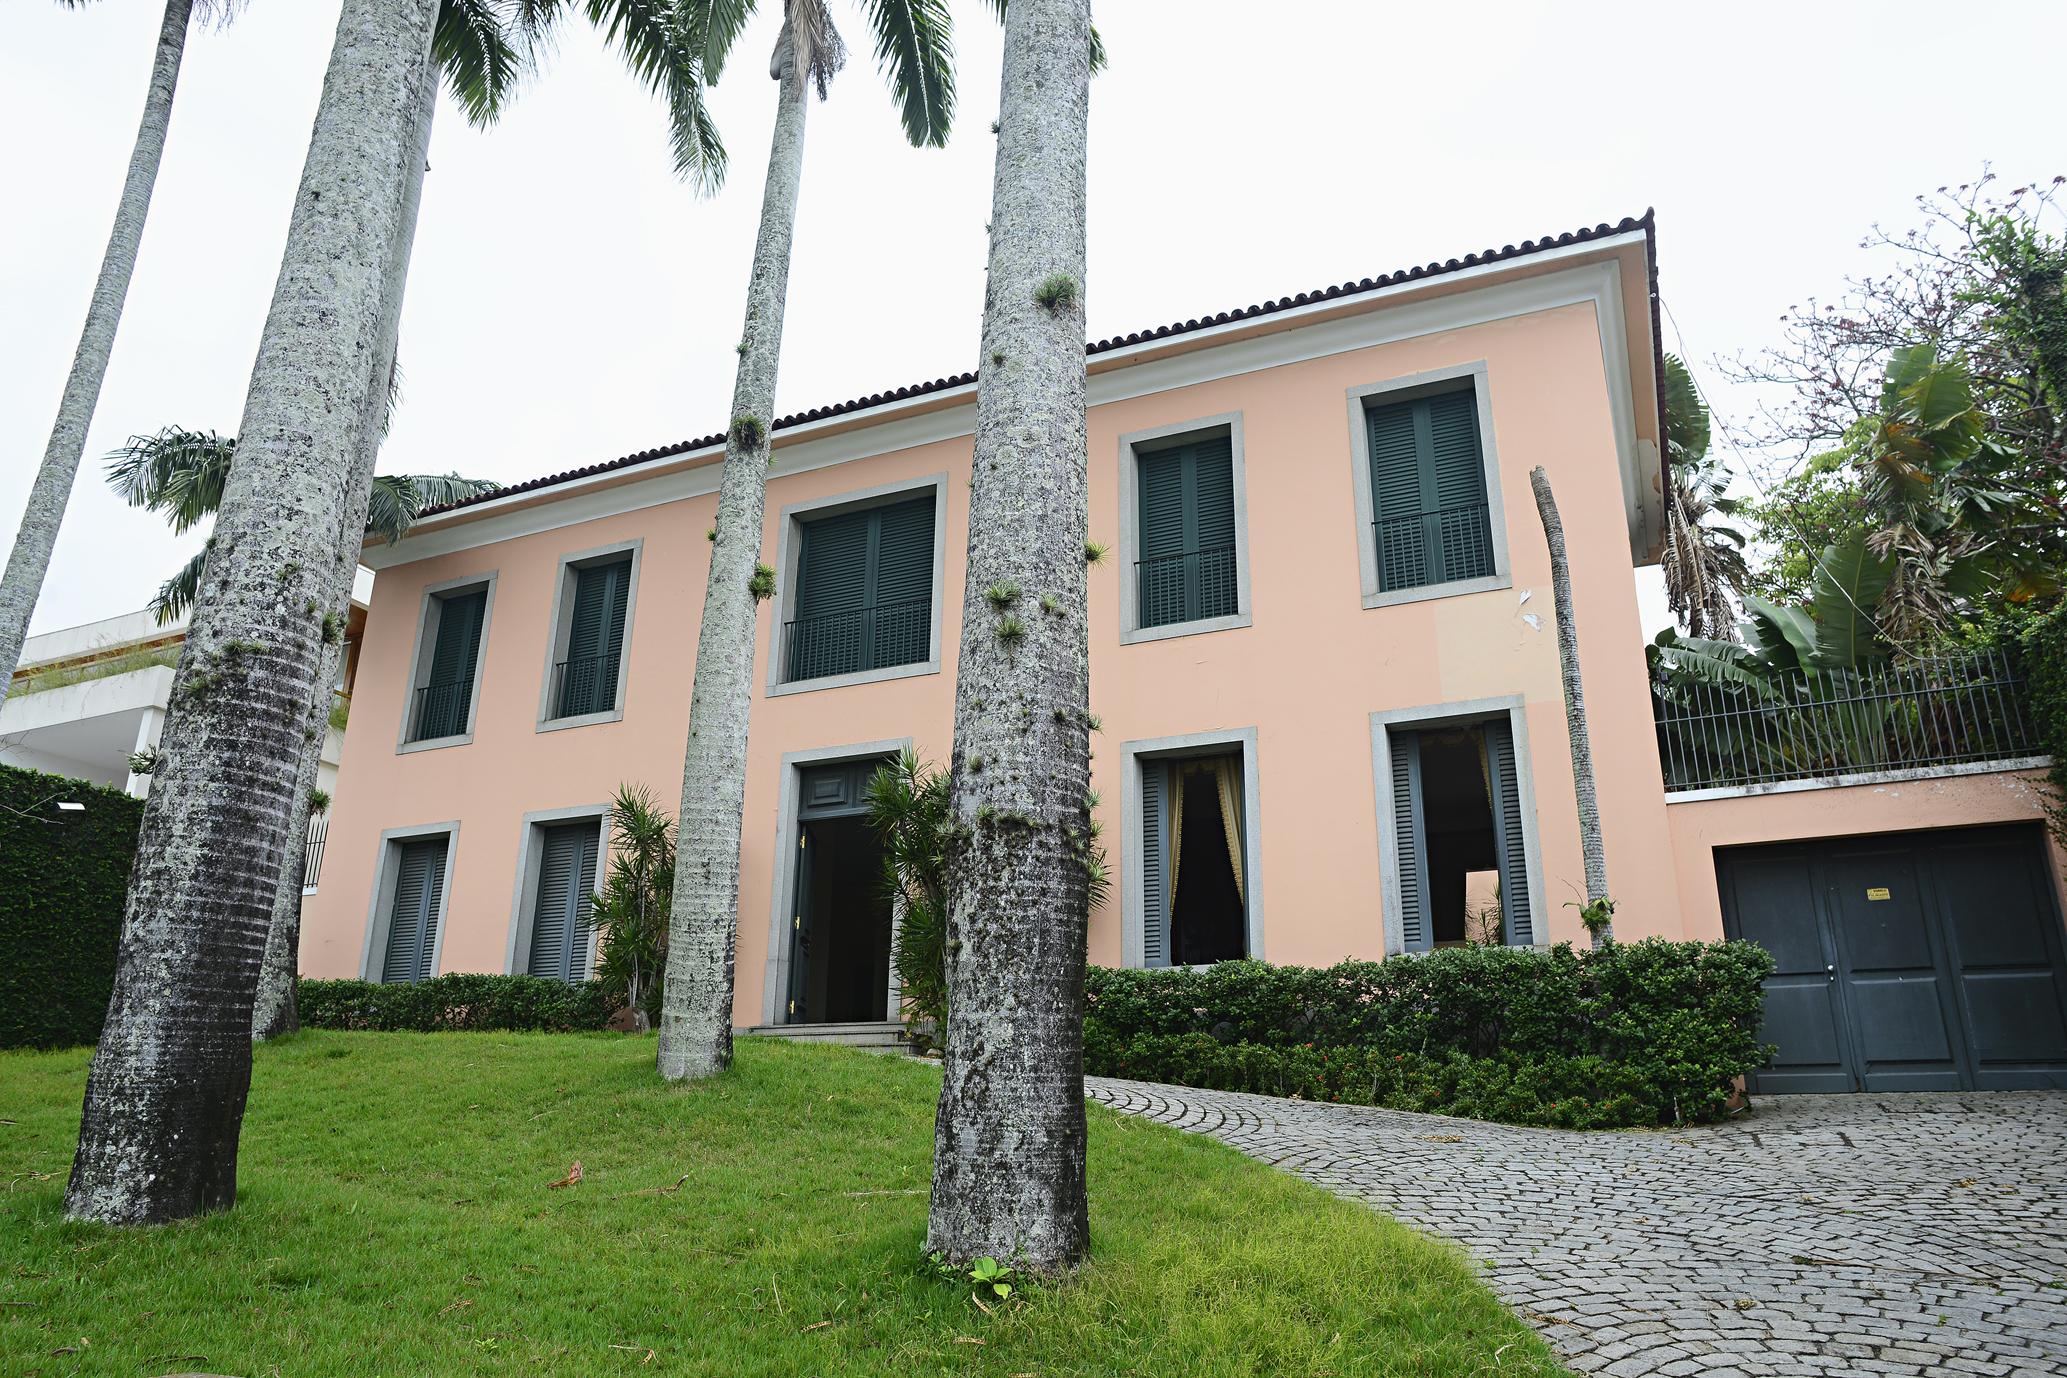 Частный односемейный дом для того Продажа на Classy Mansion Rua Embaixador Graça Aranha Rio De Janeiro, Рио-Де-Жанейро, 22450090 Бразилия